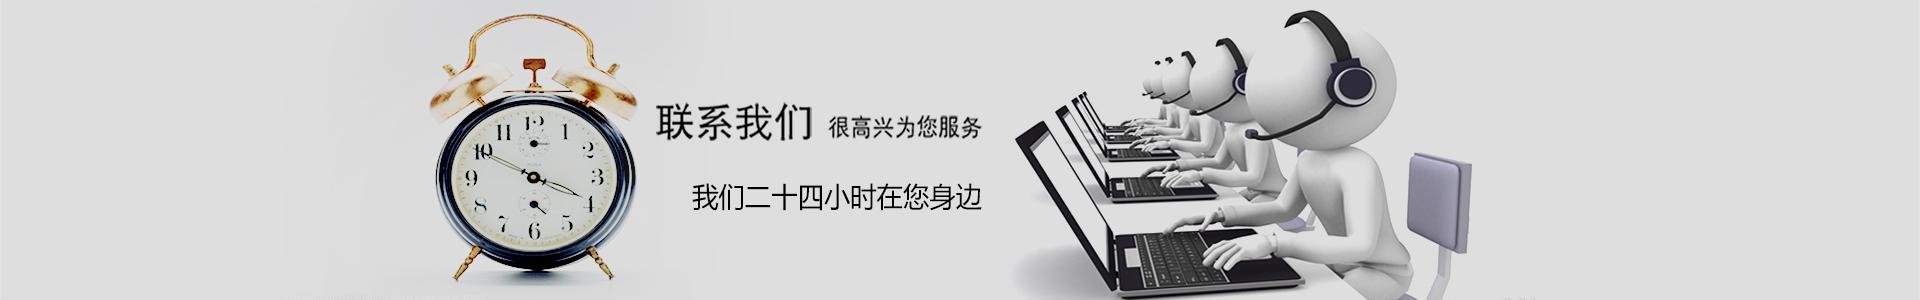 平博app切割机品牌